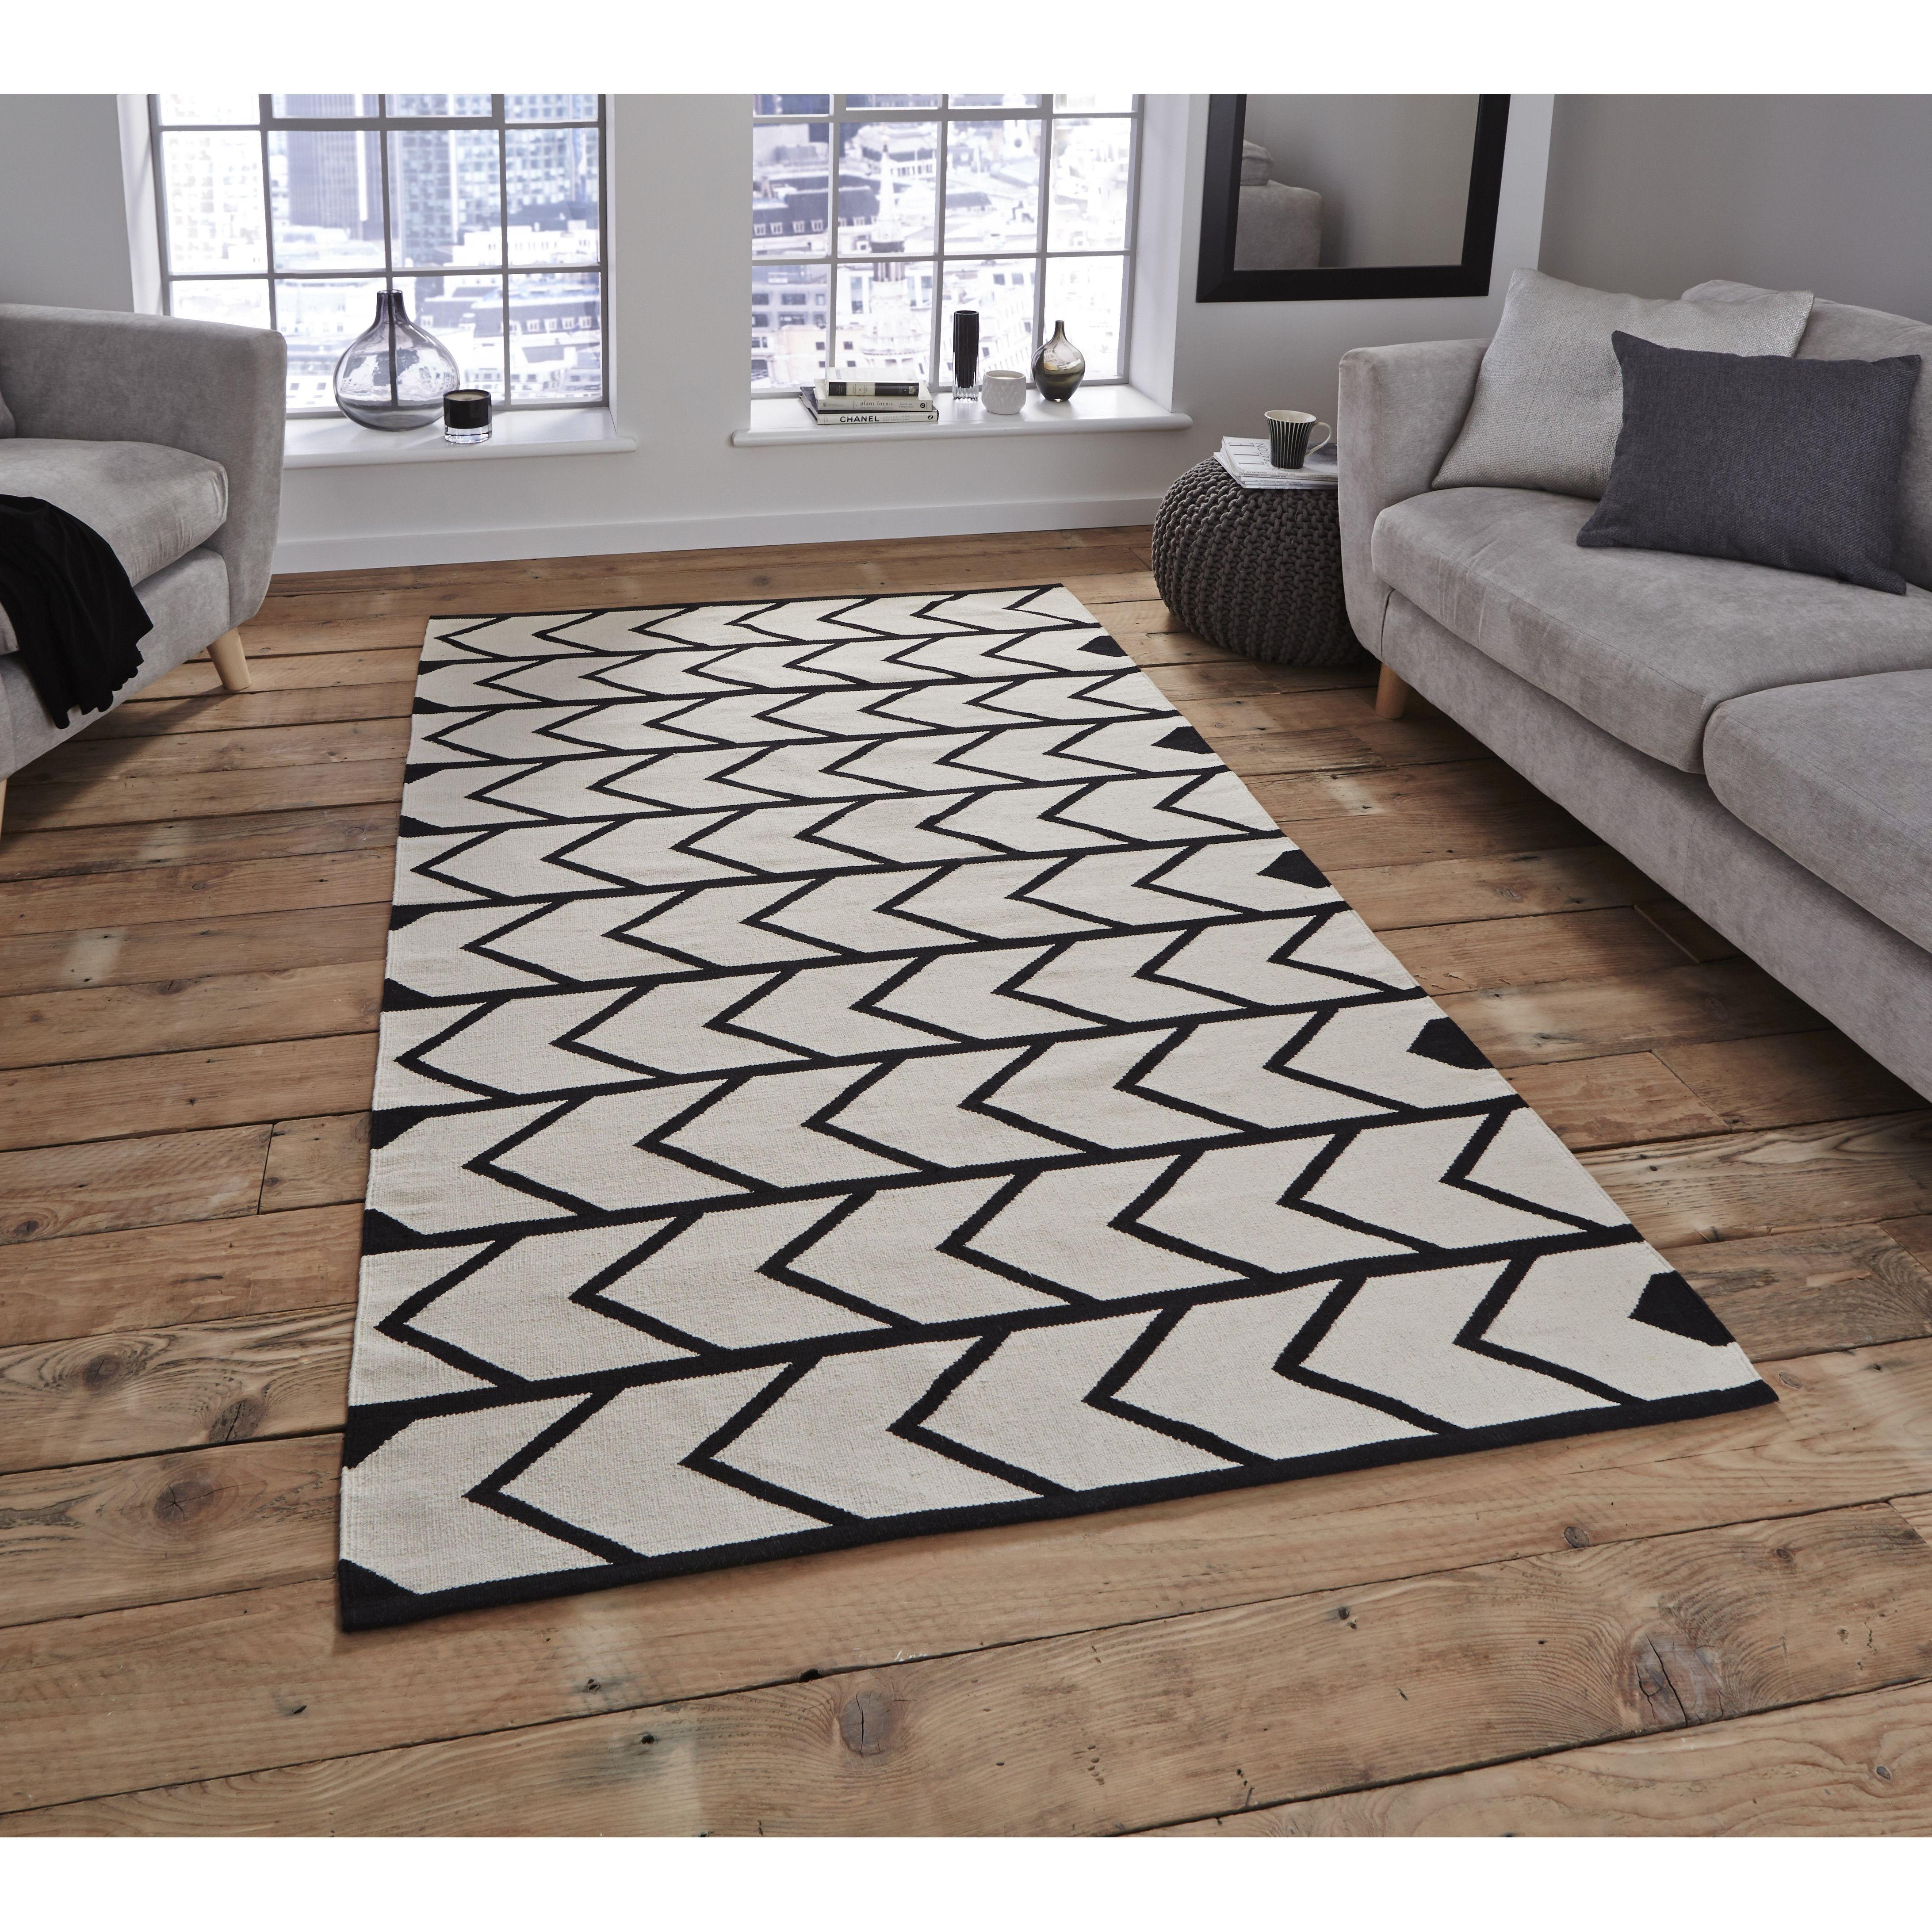 Teppich Manhattan In Schwarz Weiss Von Think Rugs Online Kaufen Bei